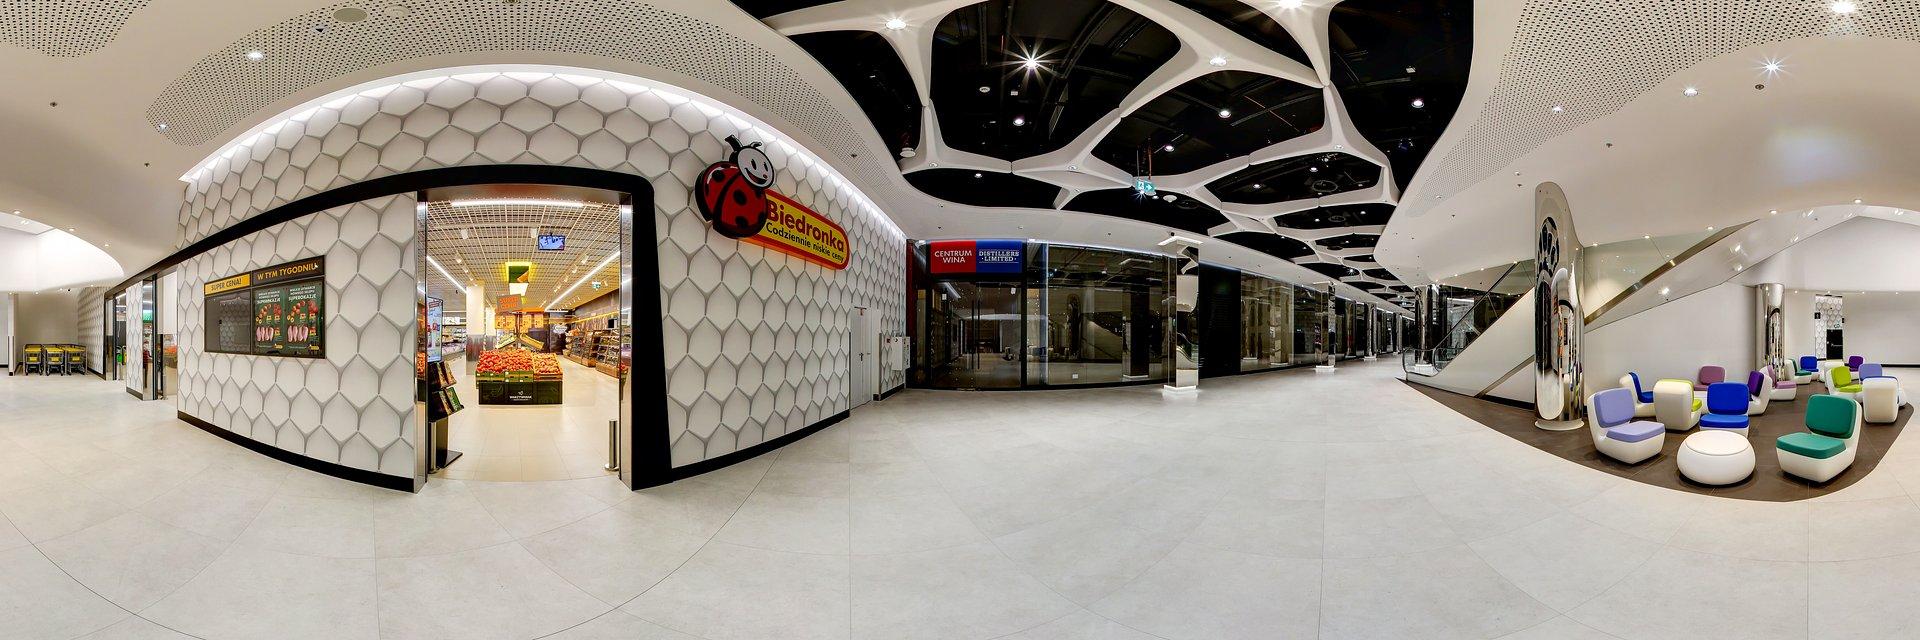 Z metra prosto do sklepu - Biedronka działa już w The Warsaw Hub